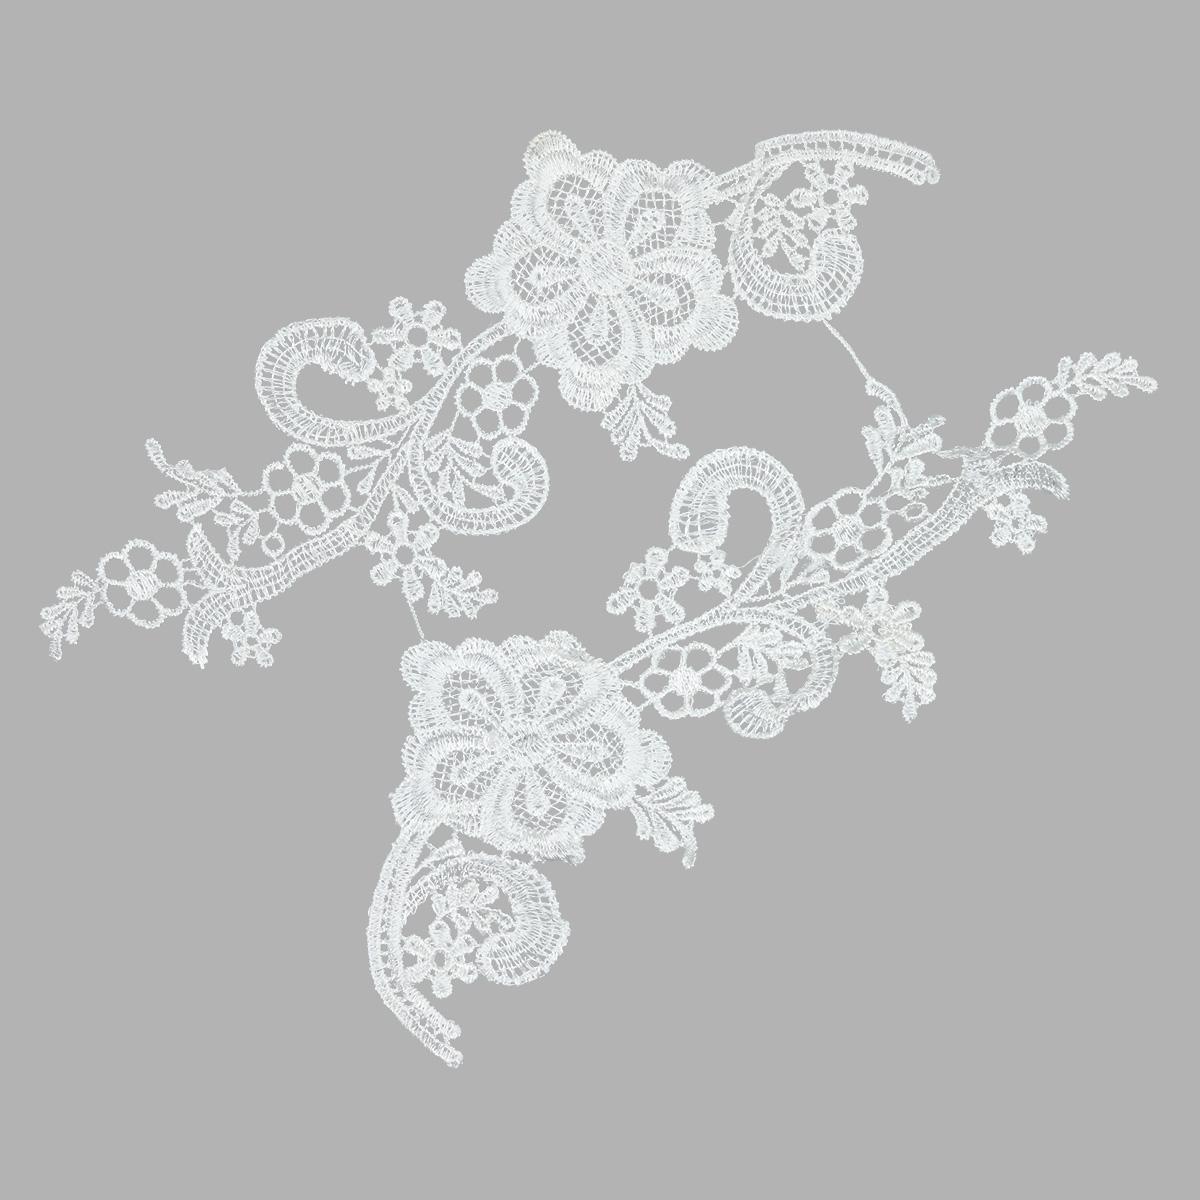 3557525 Аппликации пришивные лейсы полиэстер 24*8см белый